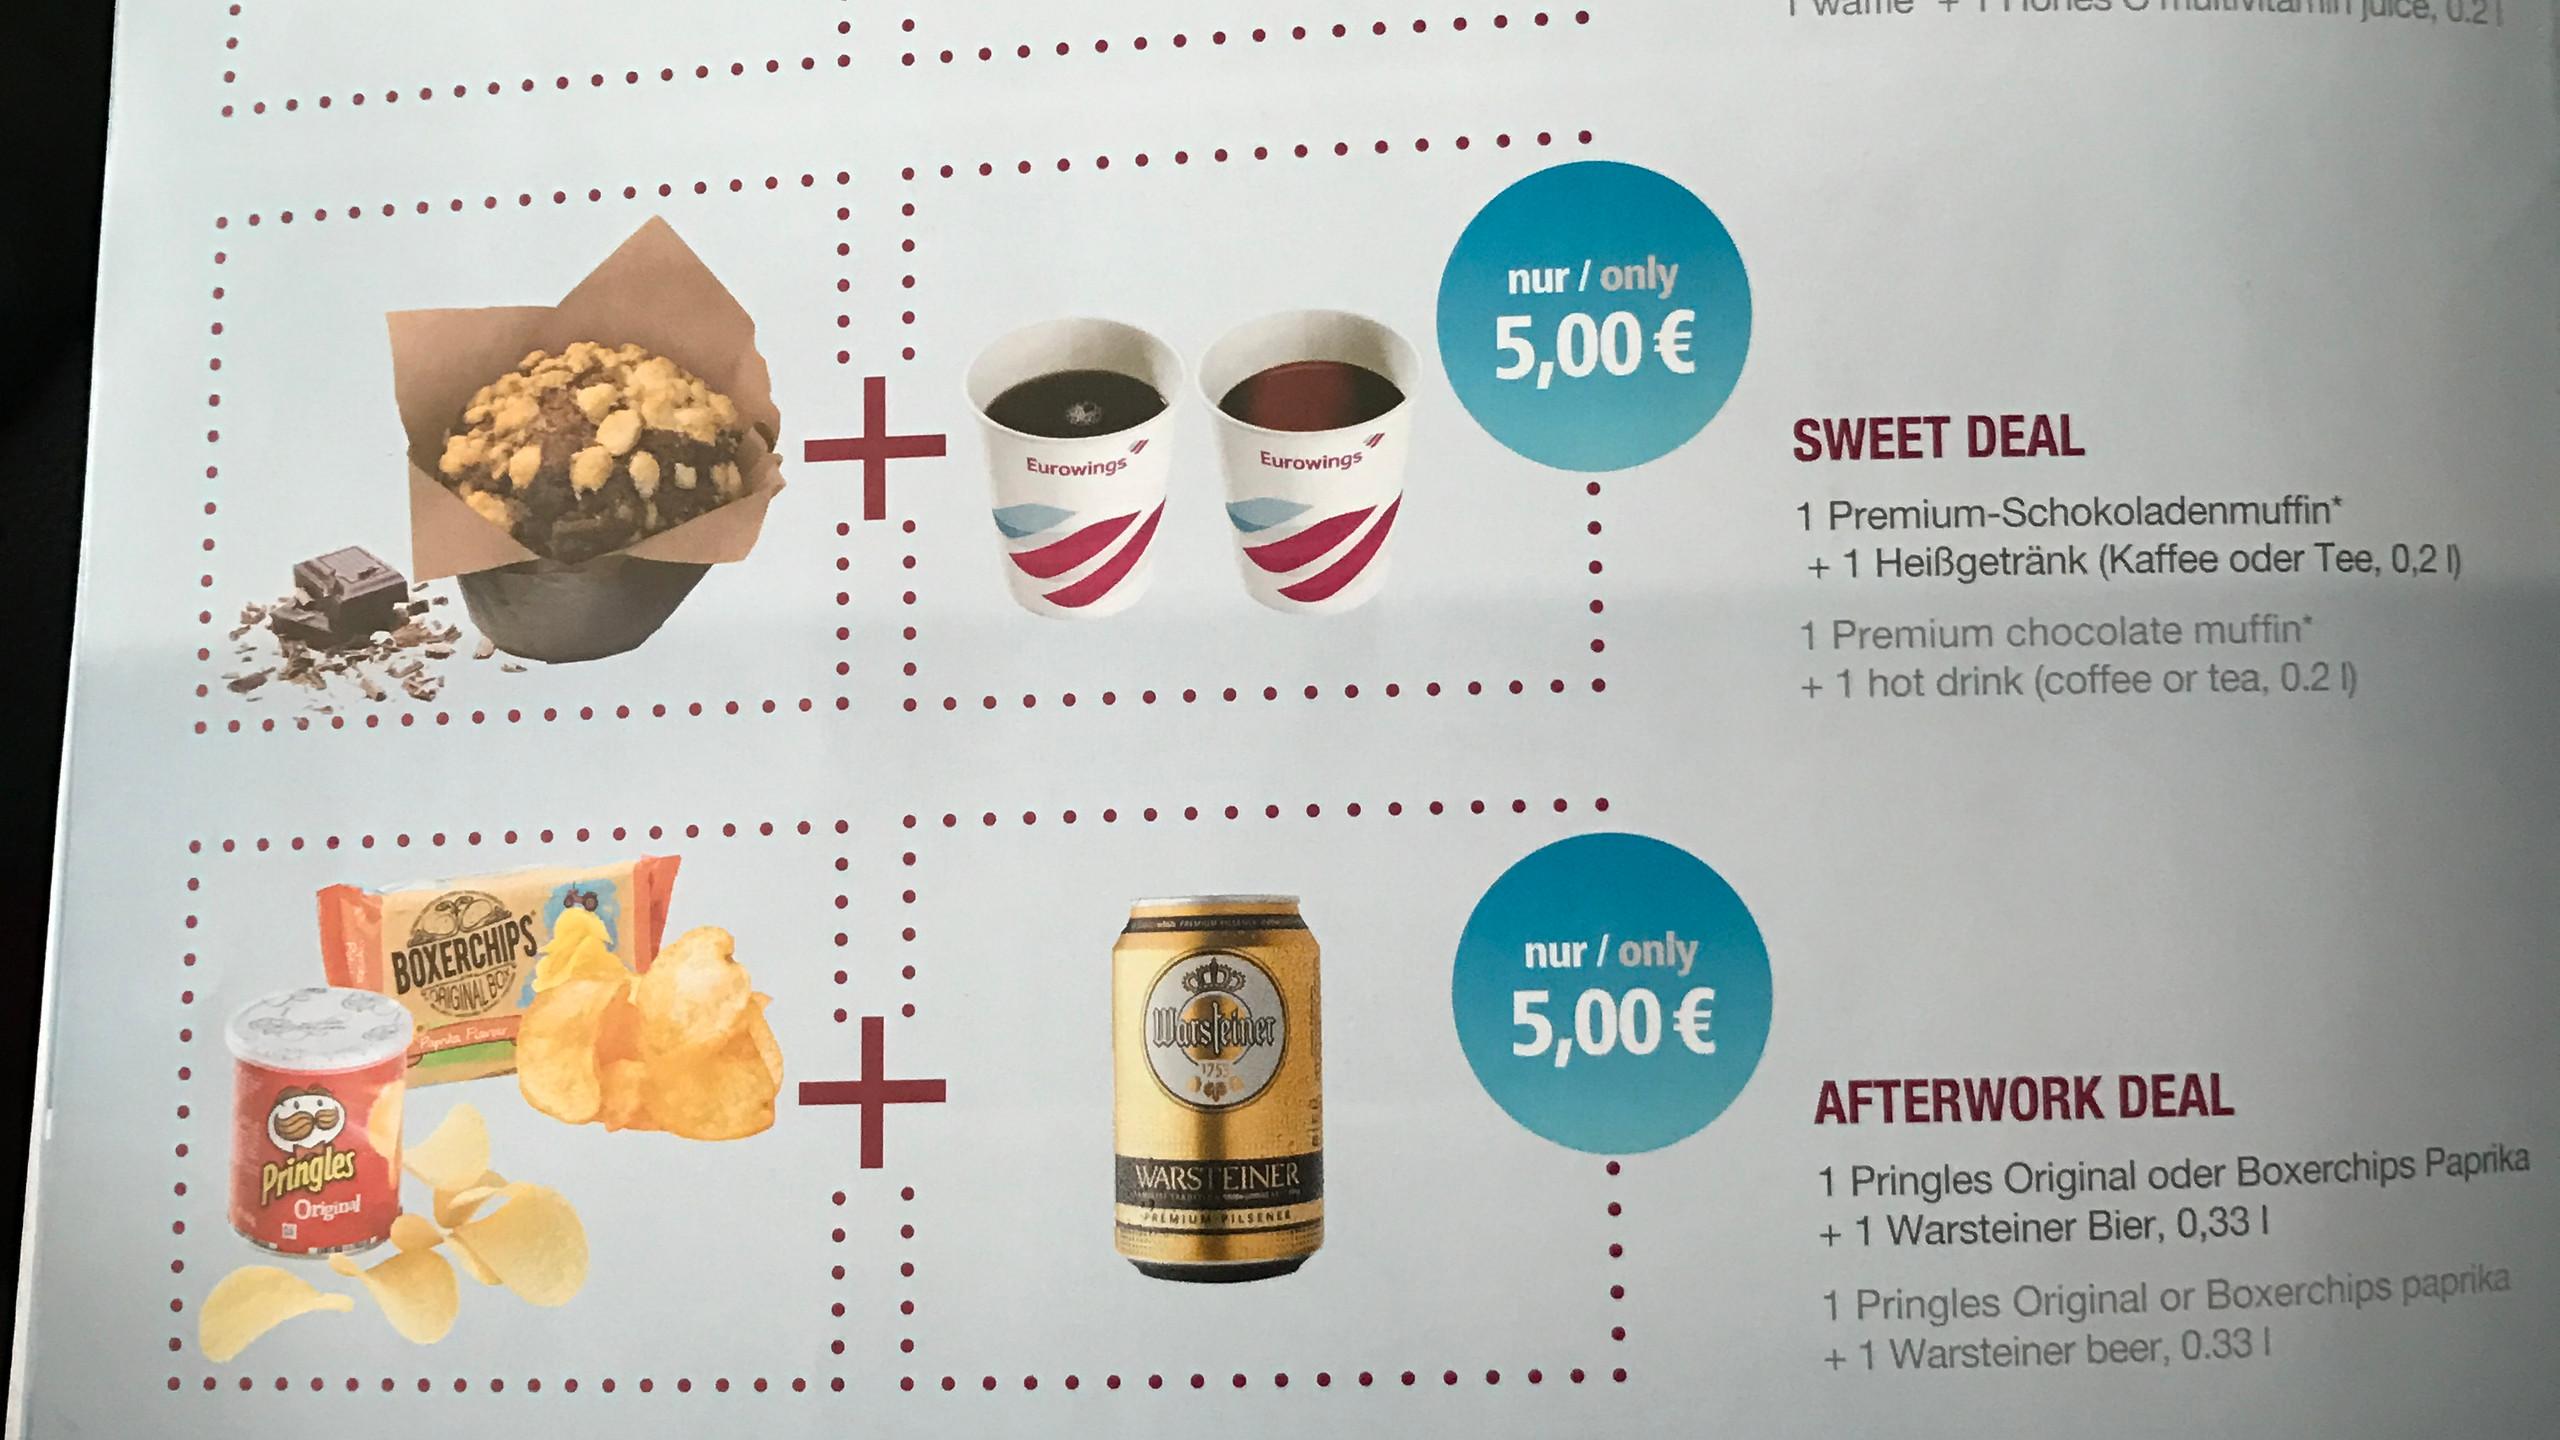 Snack deals